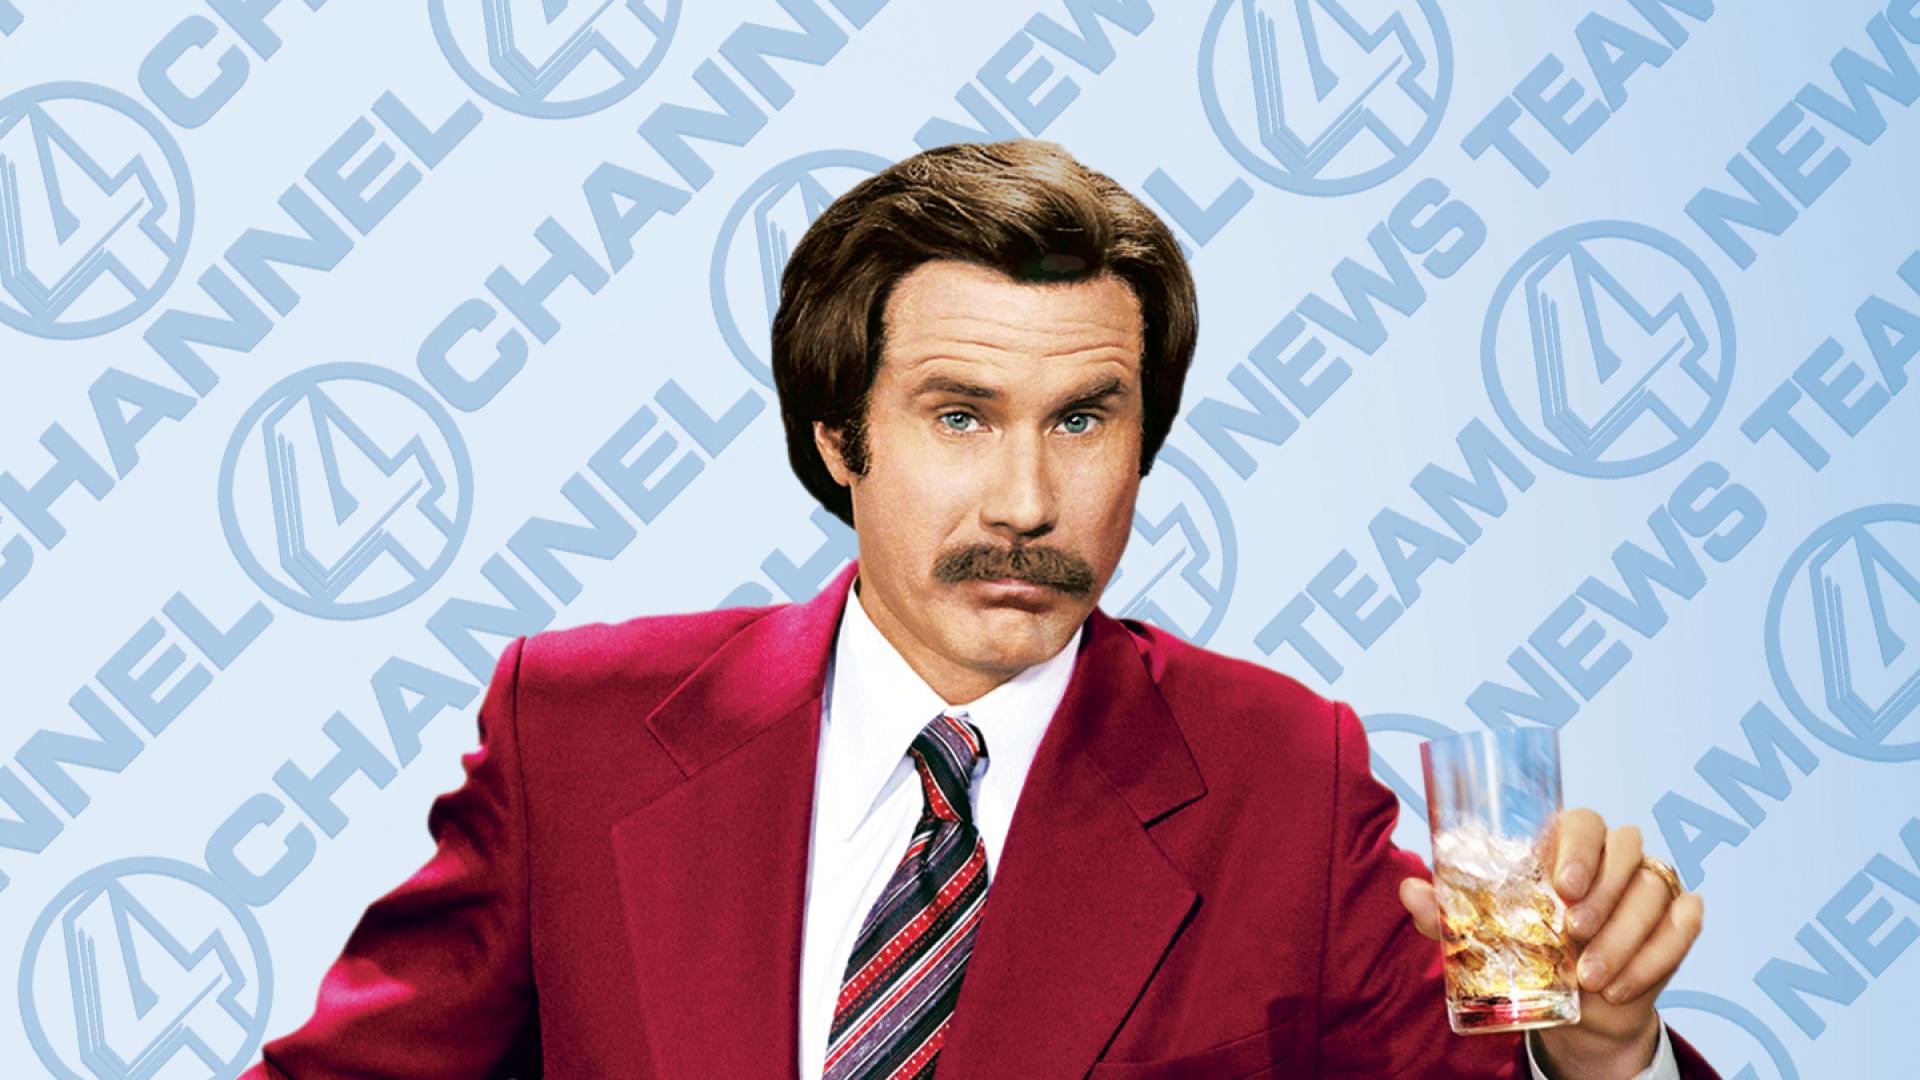 周六夜现场电影:SNL明星最佳喜剧片